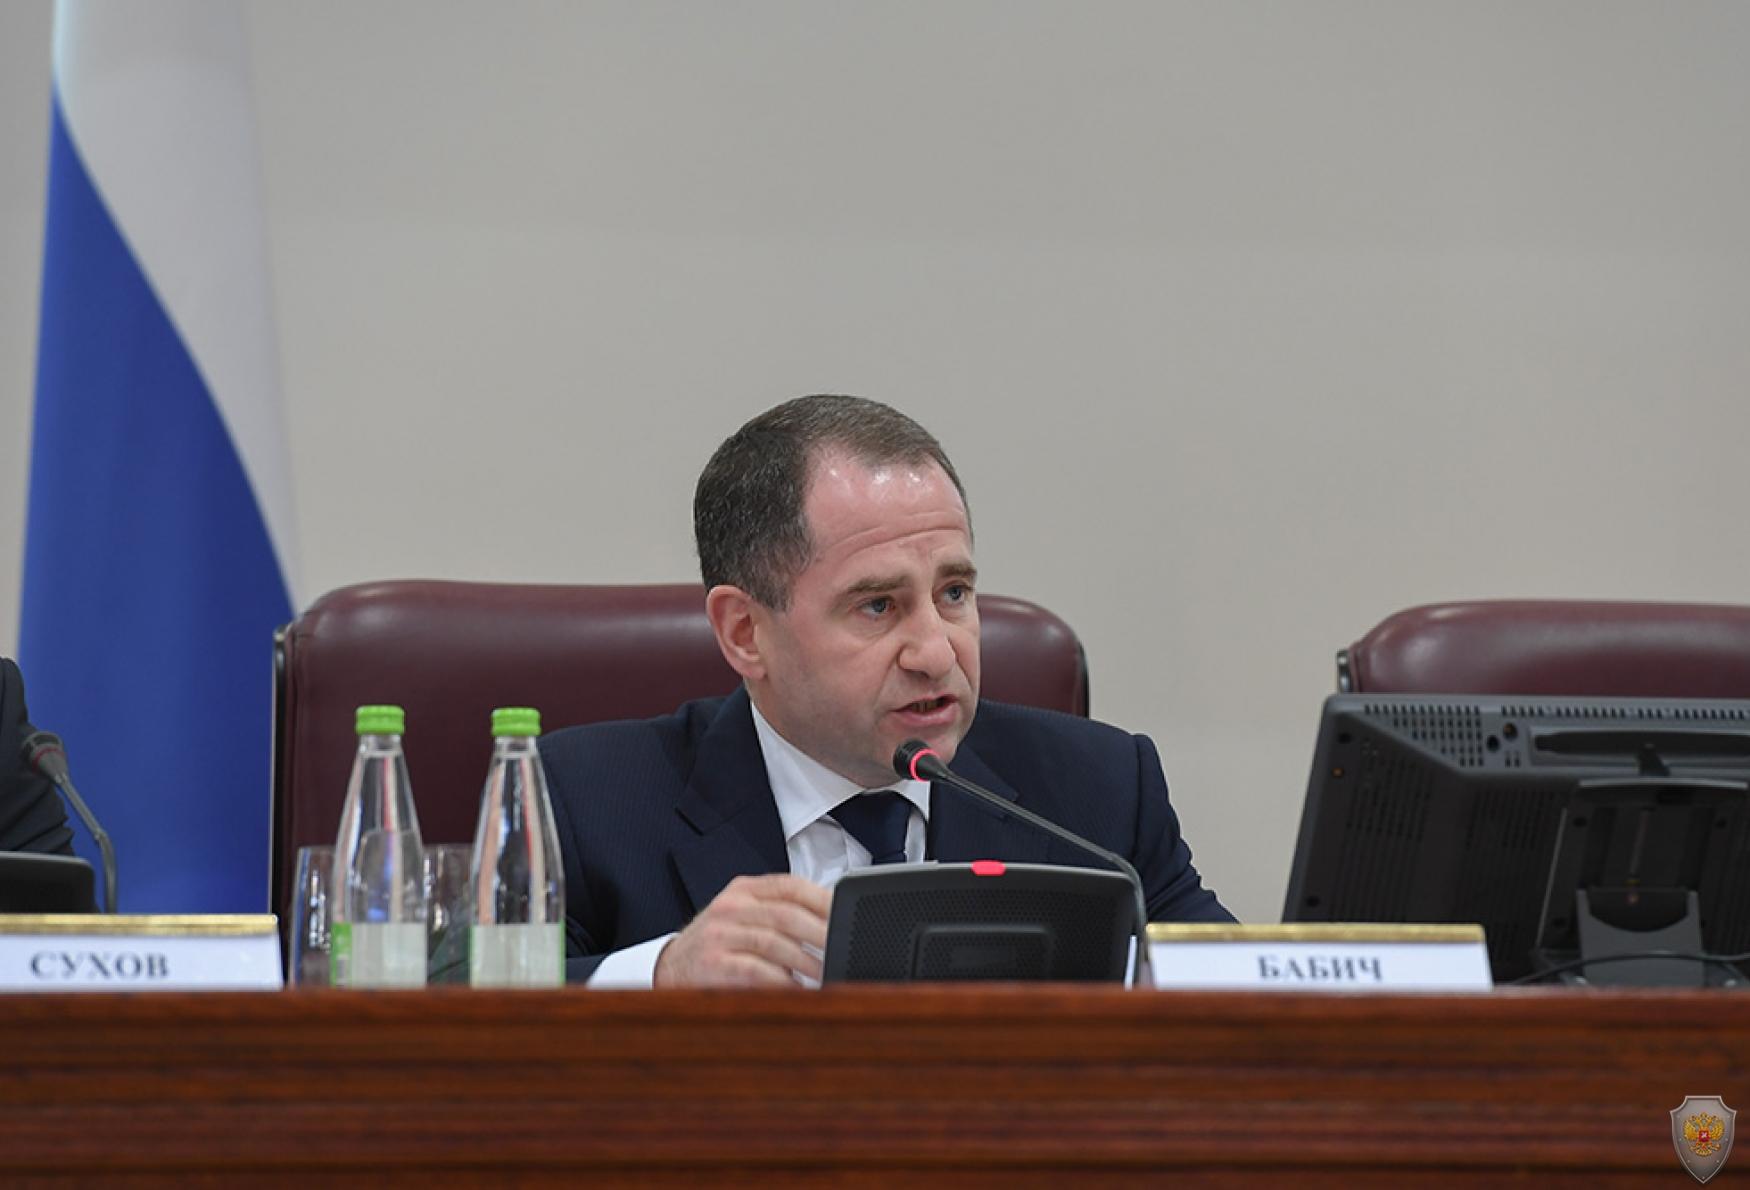 Выступает полномочный представитель Президента Российской Федерации в ПФО Михаил Бабич